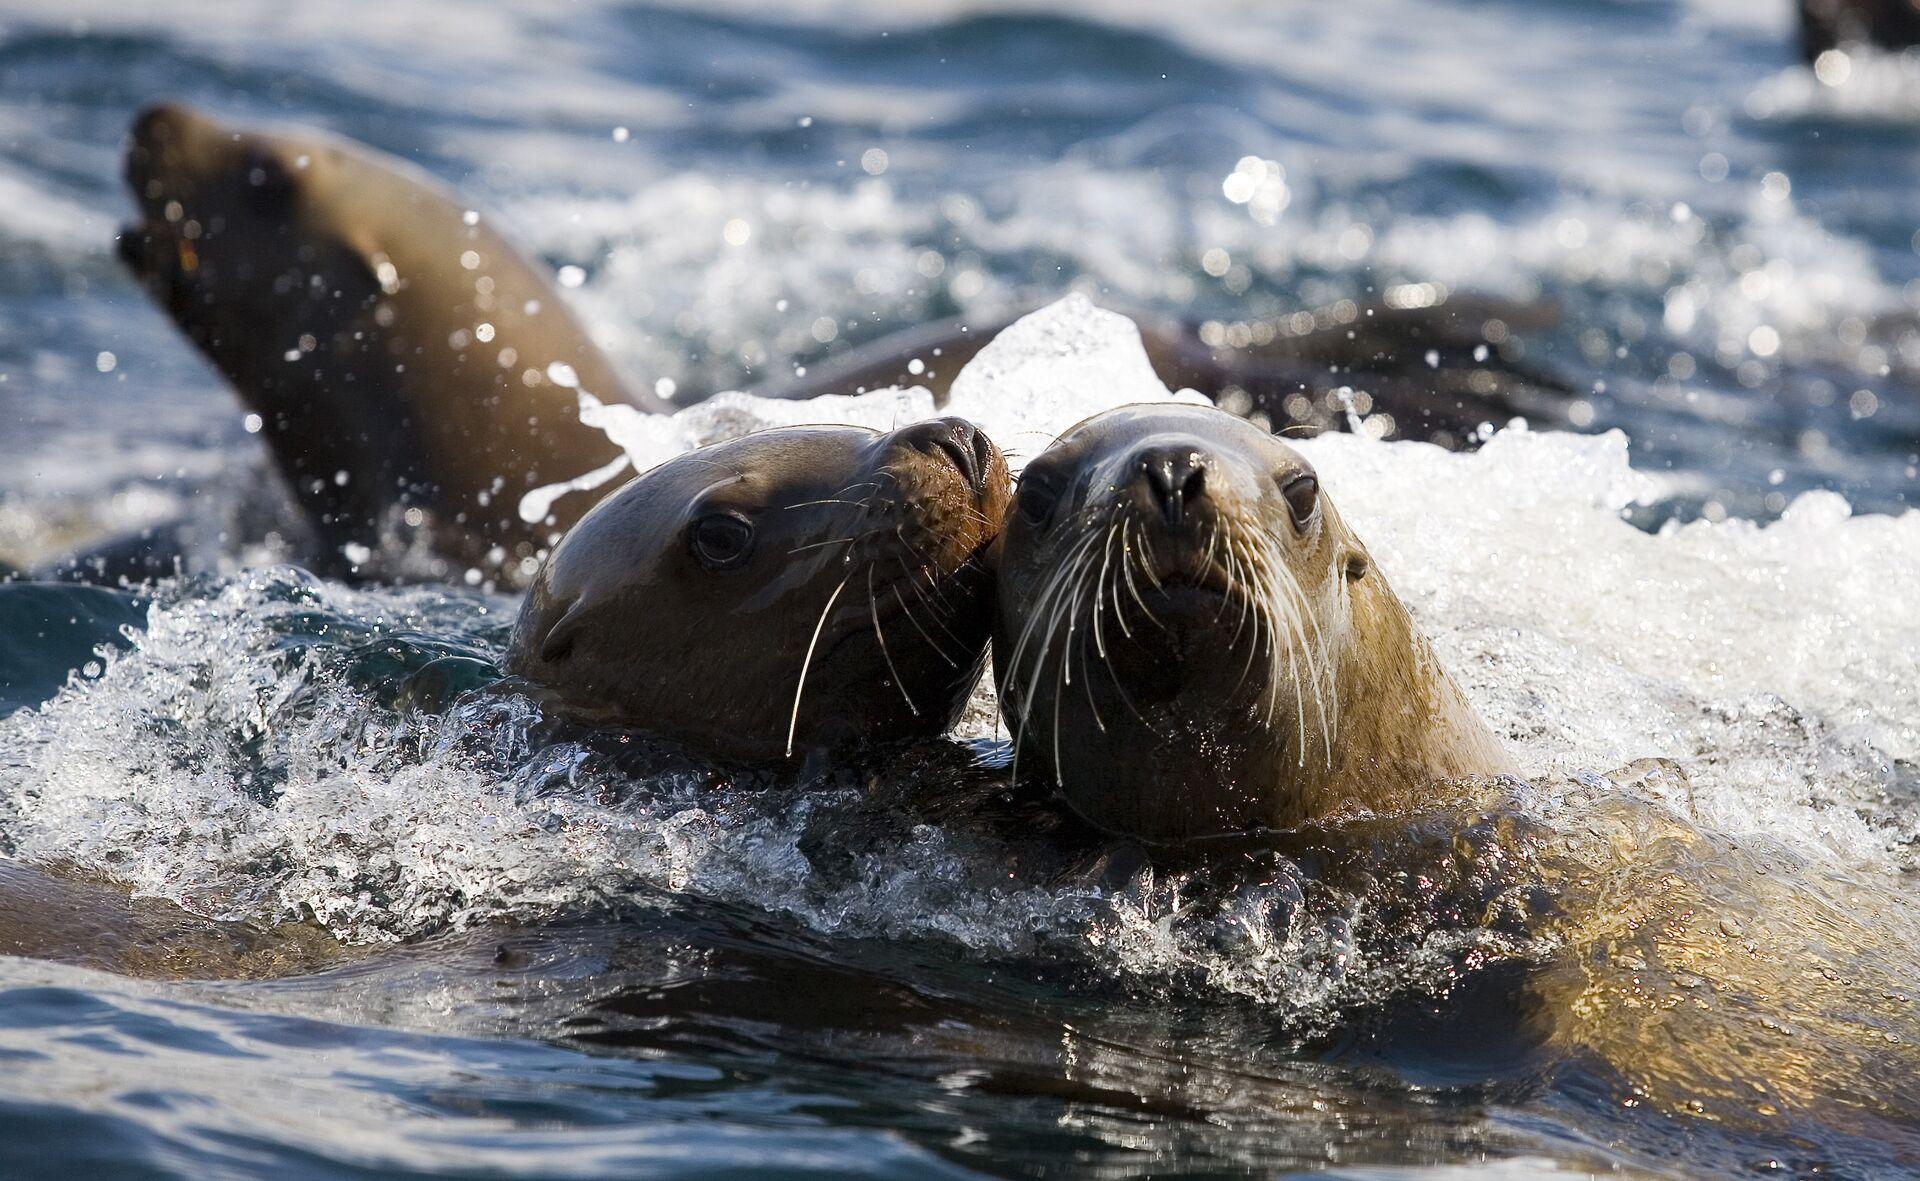 Ушастые тюлени — сивучи в акватории Невельского порта - РИА Новости, 1920, 20.02.2021